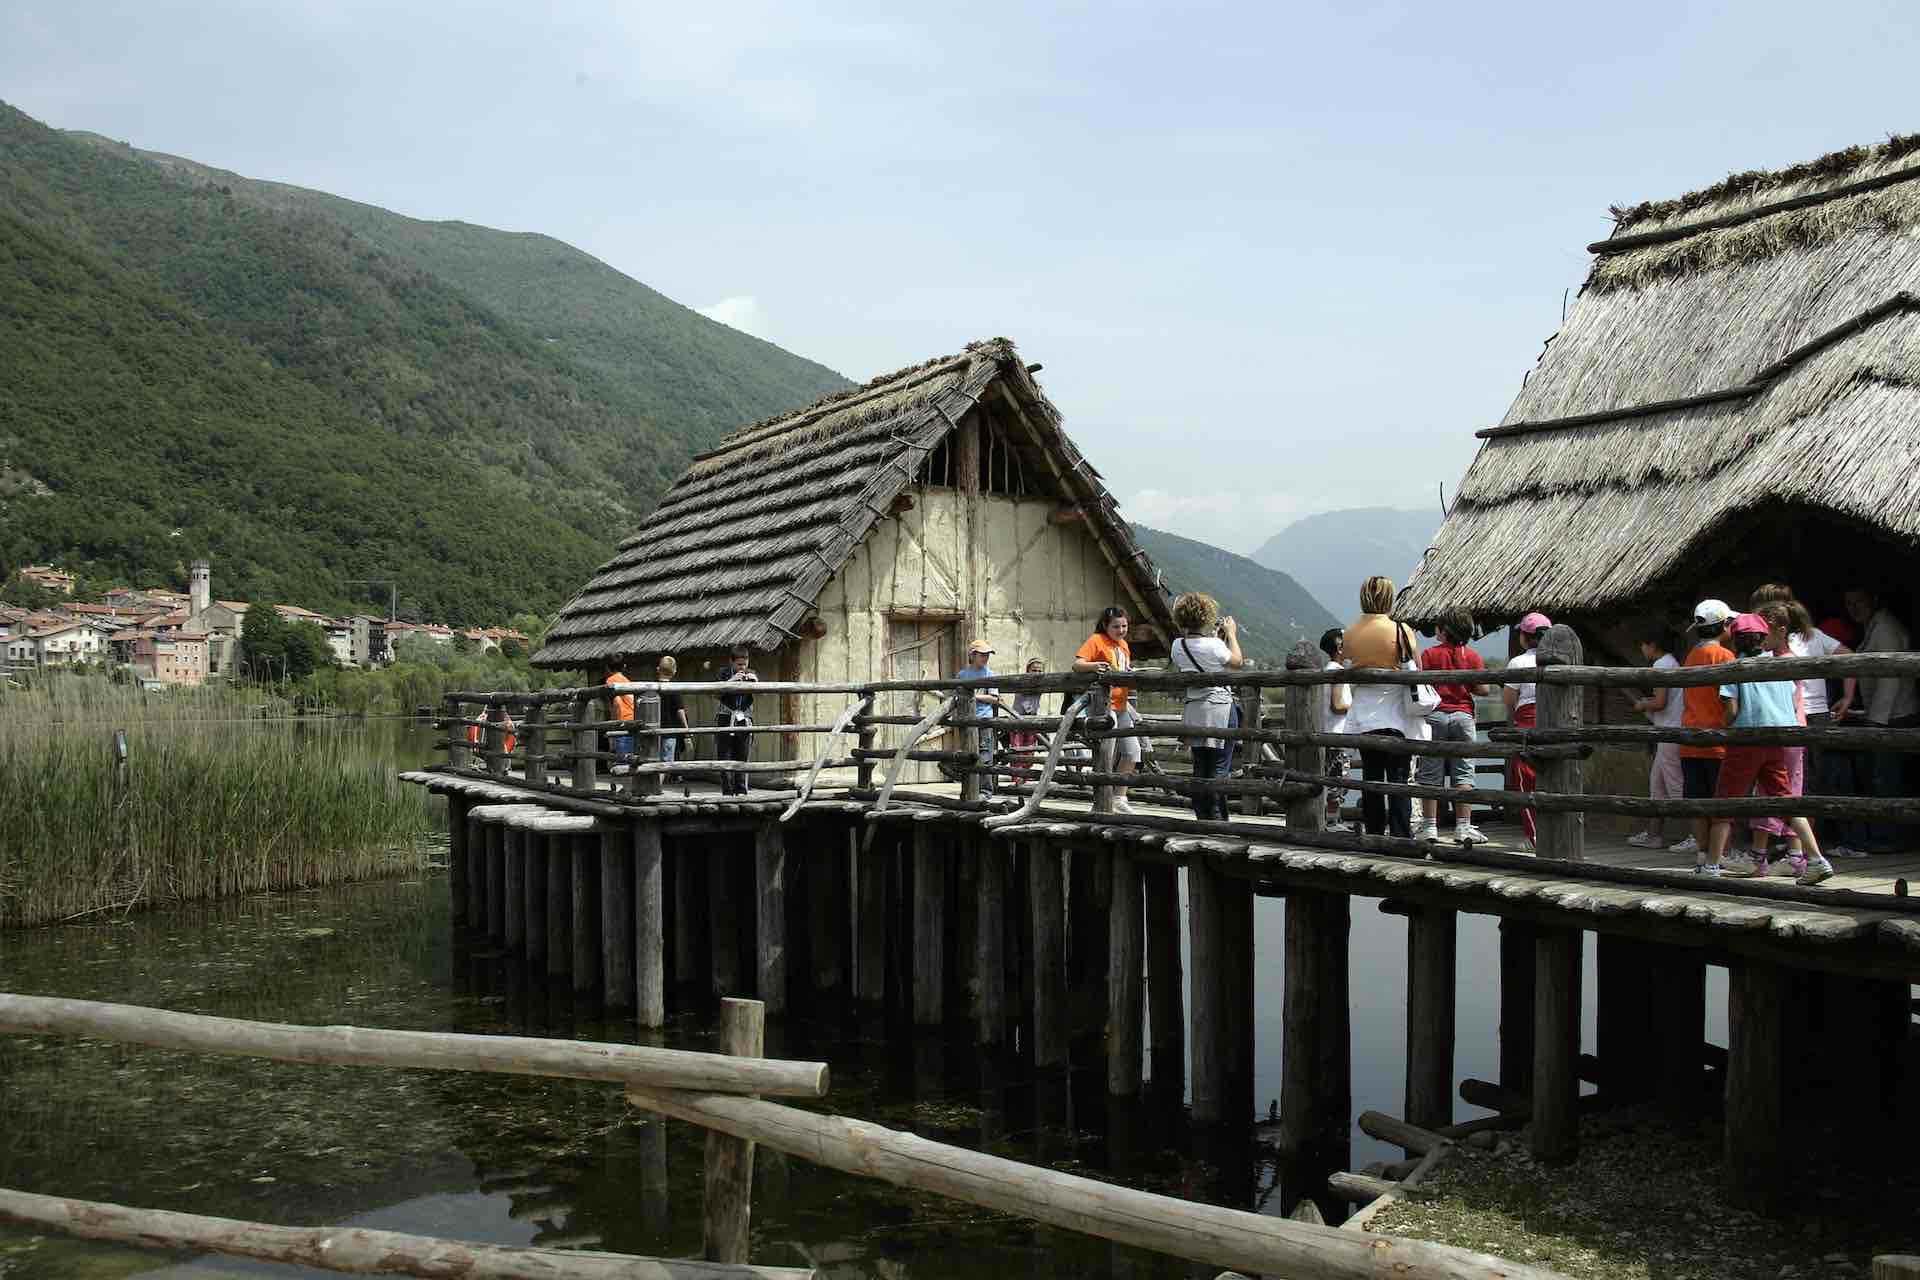 Il Parco Archeologico Didattico del Livelet nasce dalla volontà di promuovere l'area naturalistica e archeologica dei laghi di Revine